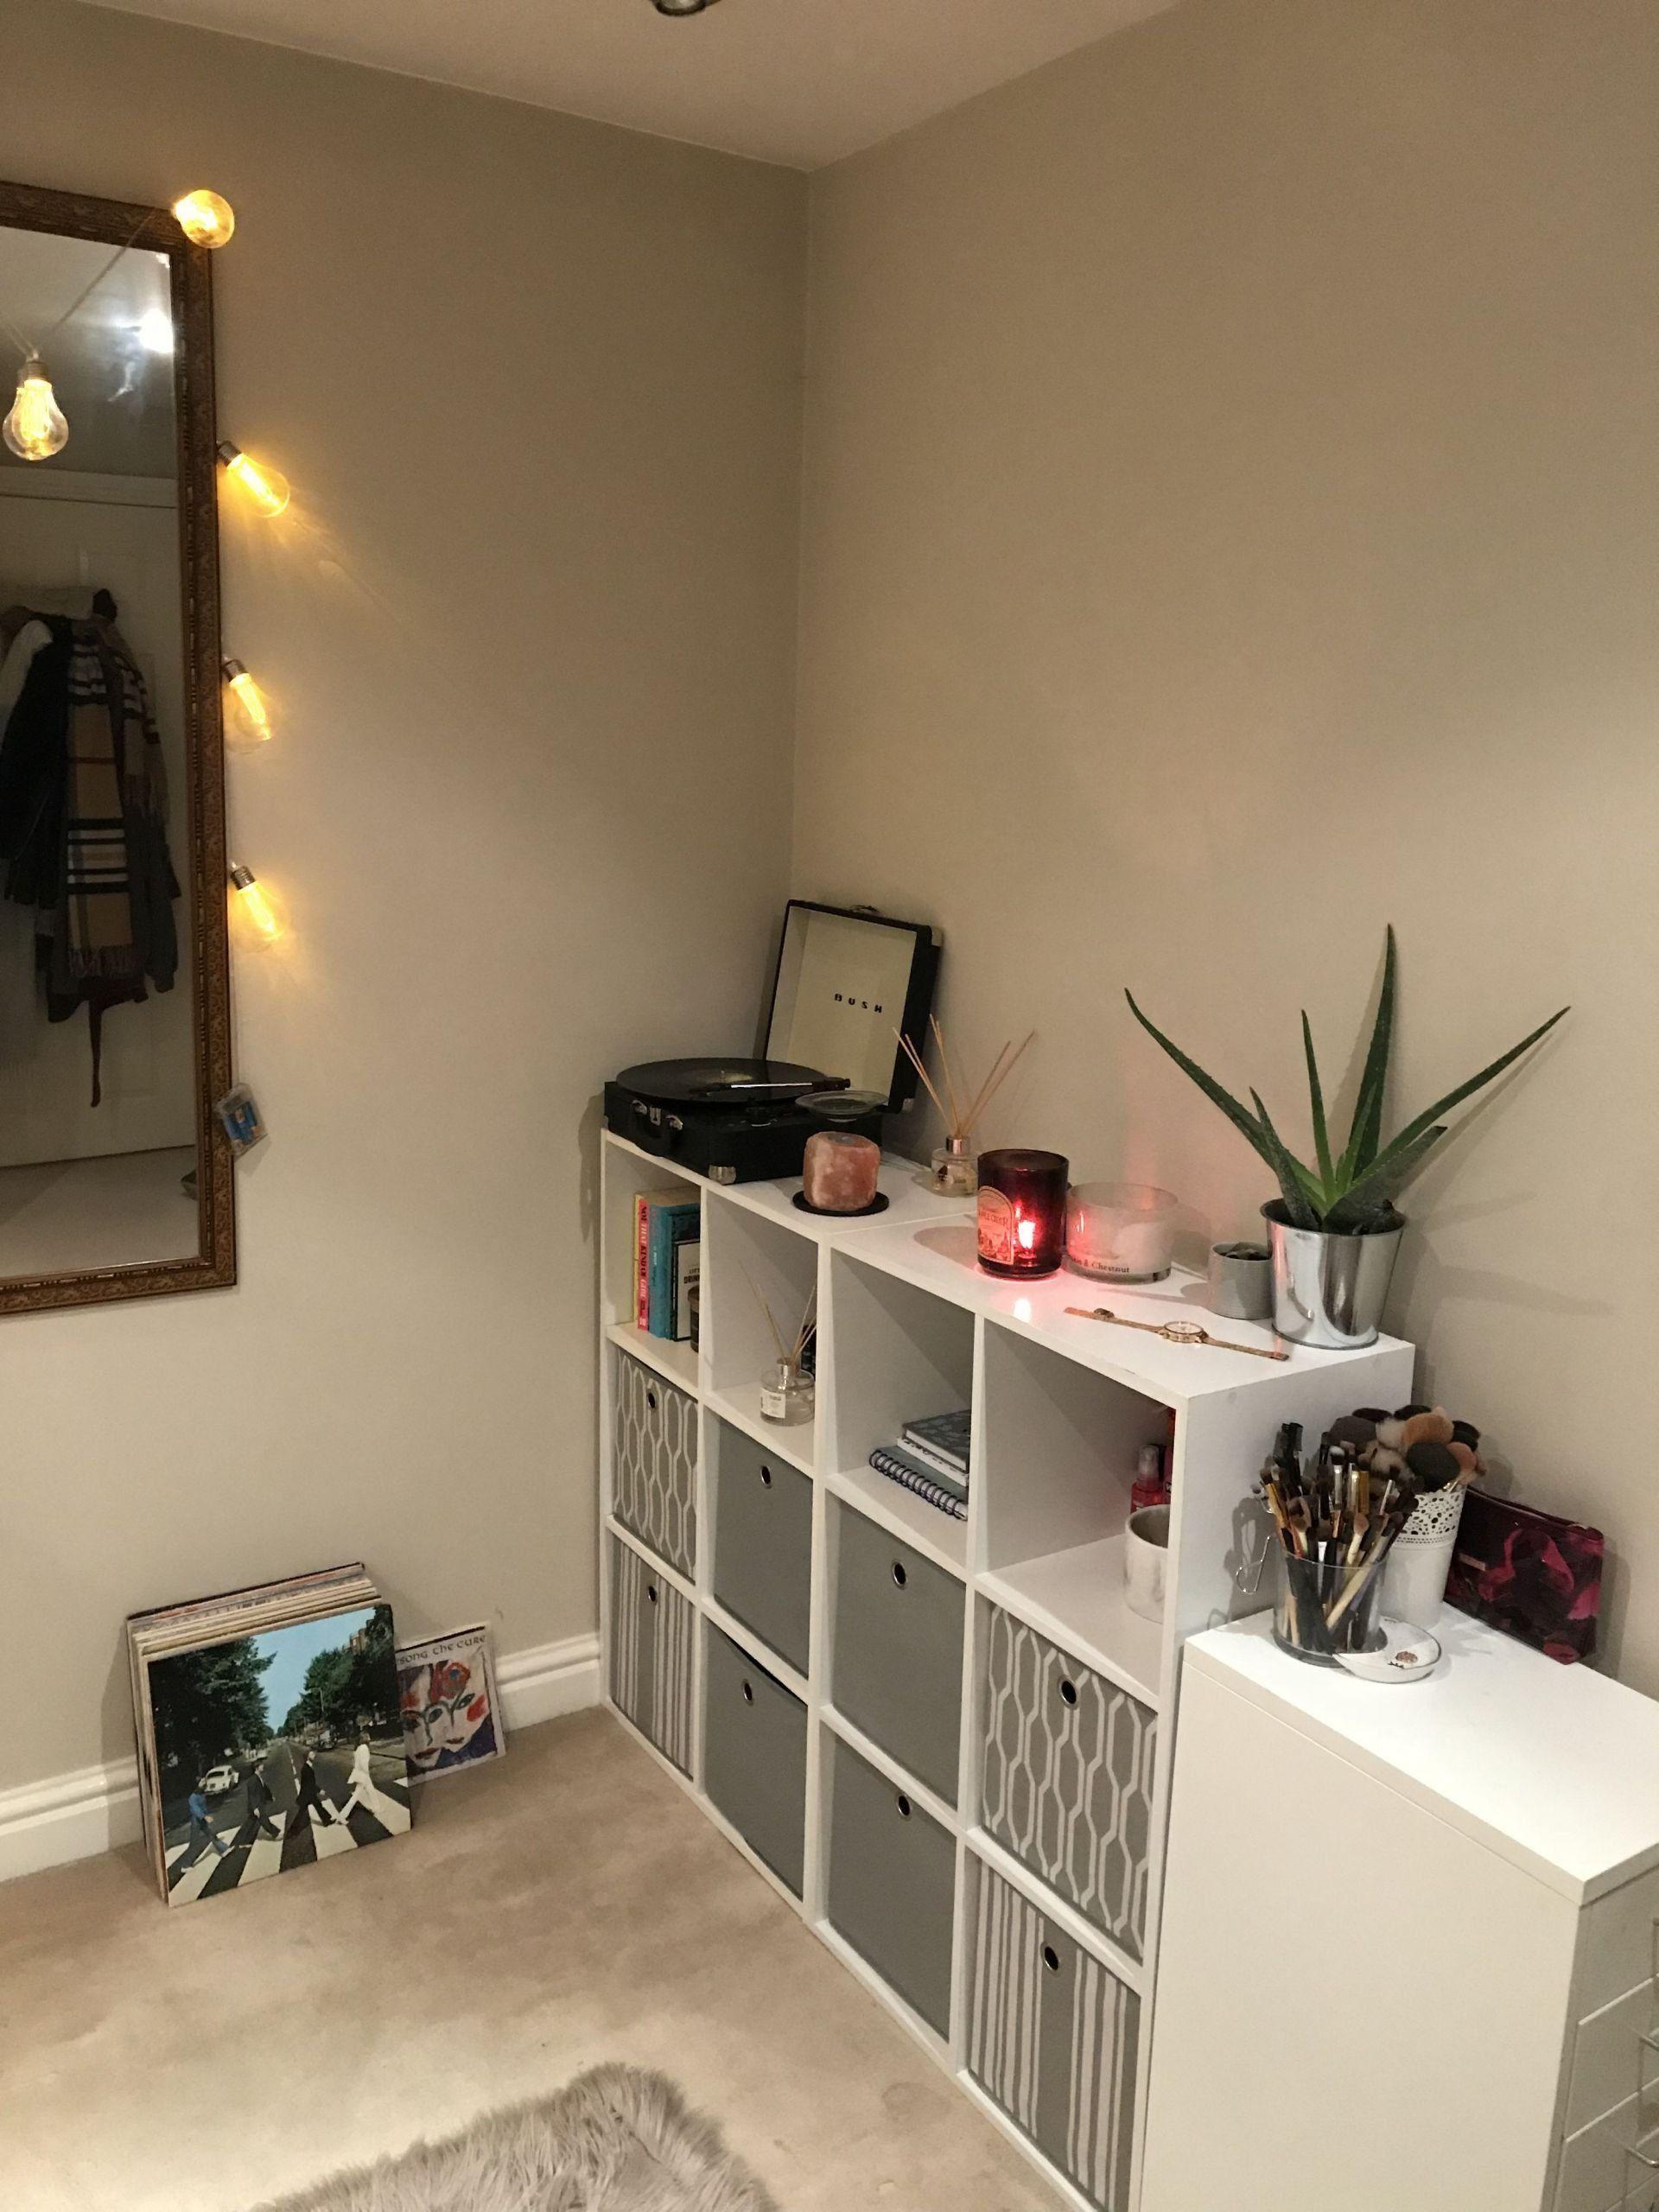 Cute Diy Bedroom Storage Design Ideas Small Spaces Cute Diy